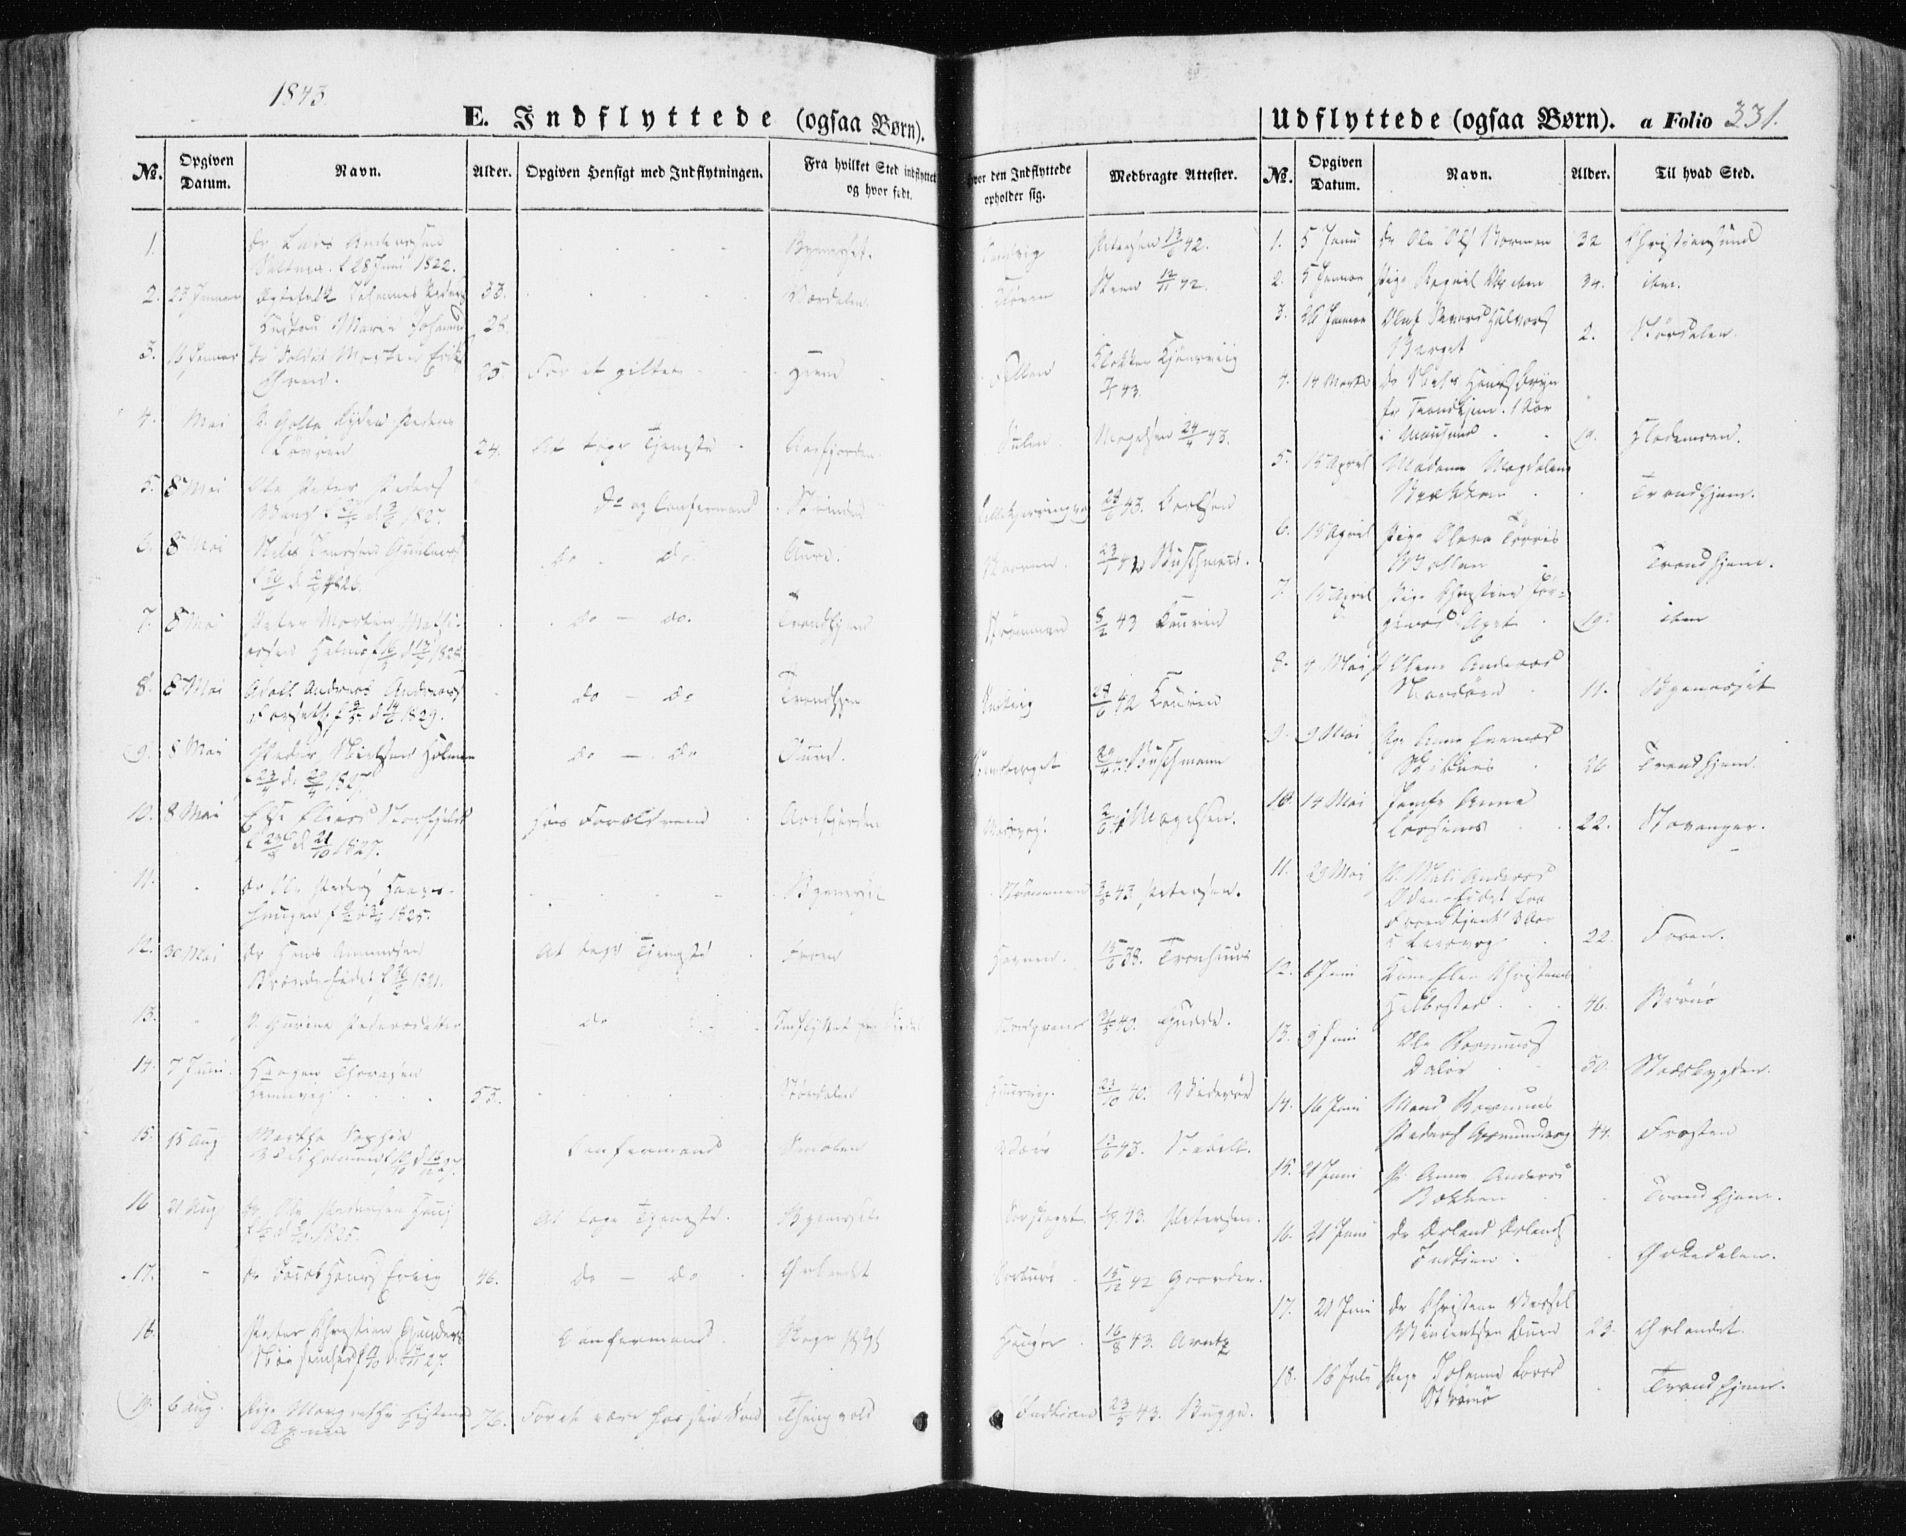 SAT, Ministerialprotokoller, klokkerbøker og fødselsregistre - Sør-Trøndelag, 634/L0529: Ministerialbok nr. 634A05, 1843-1851, s. 331